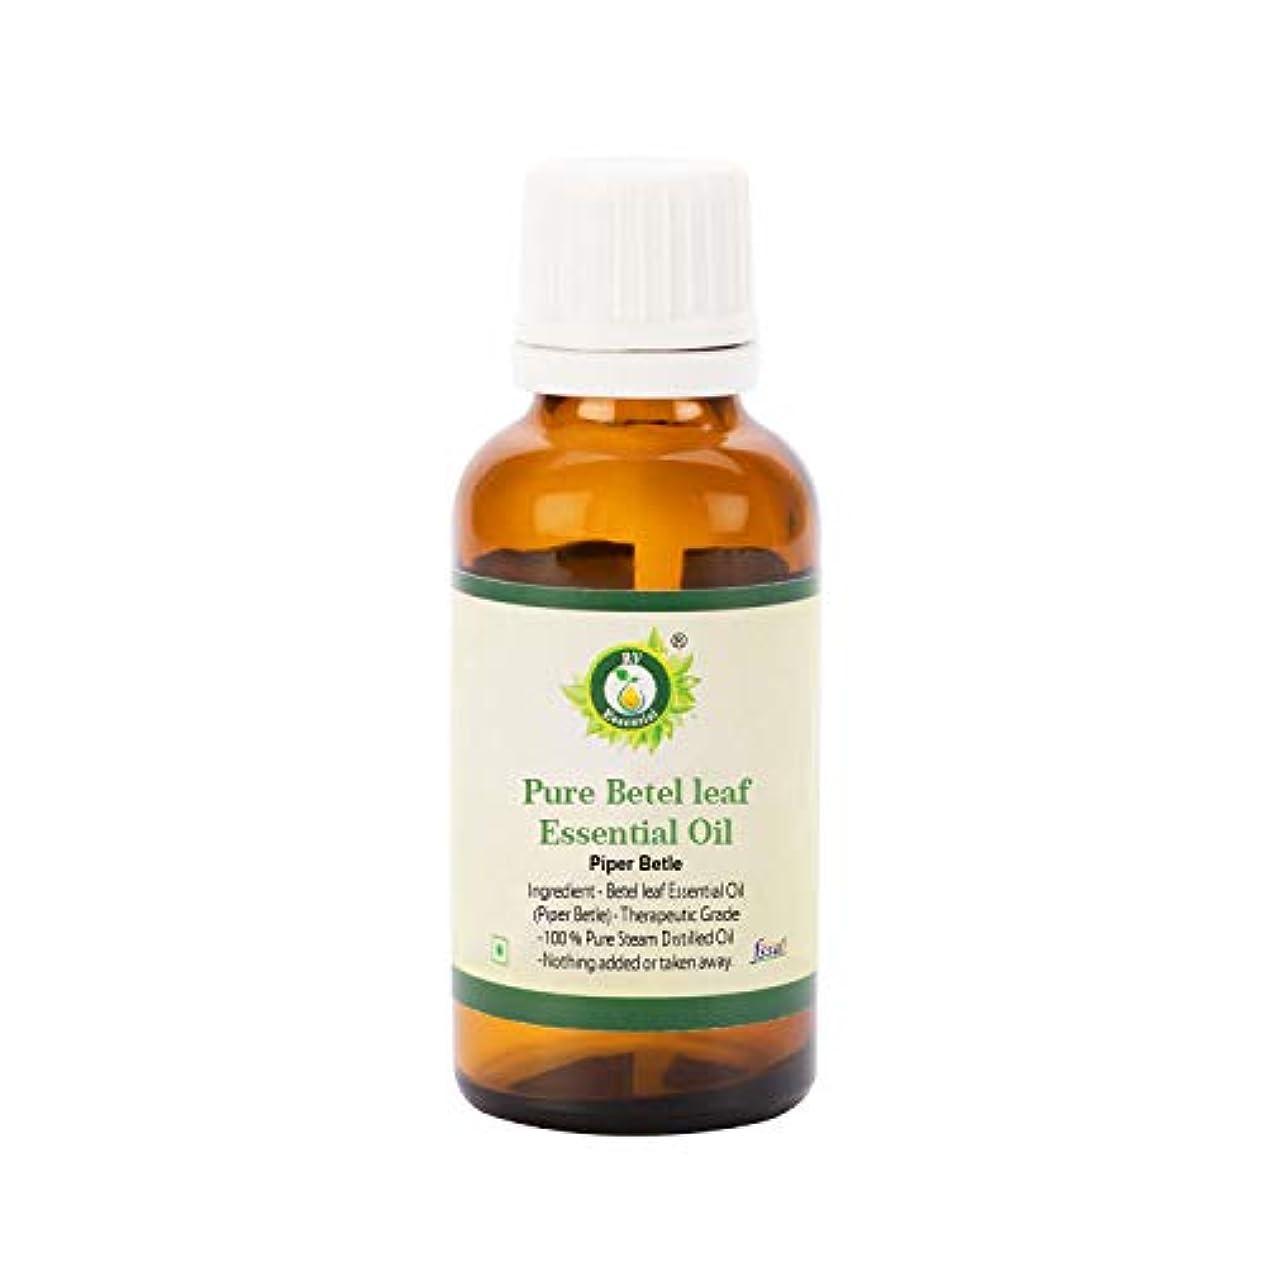 暫定置換検査官R V Essential ピュアBetel葉エッセンシャルオイル15ml (0.507oz)- Piper Betle (100%純粋&天然スチームDistilled) Pure Betel leaf Essential...